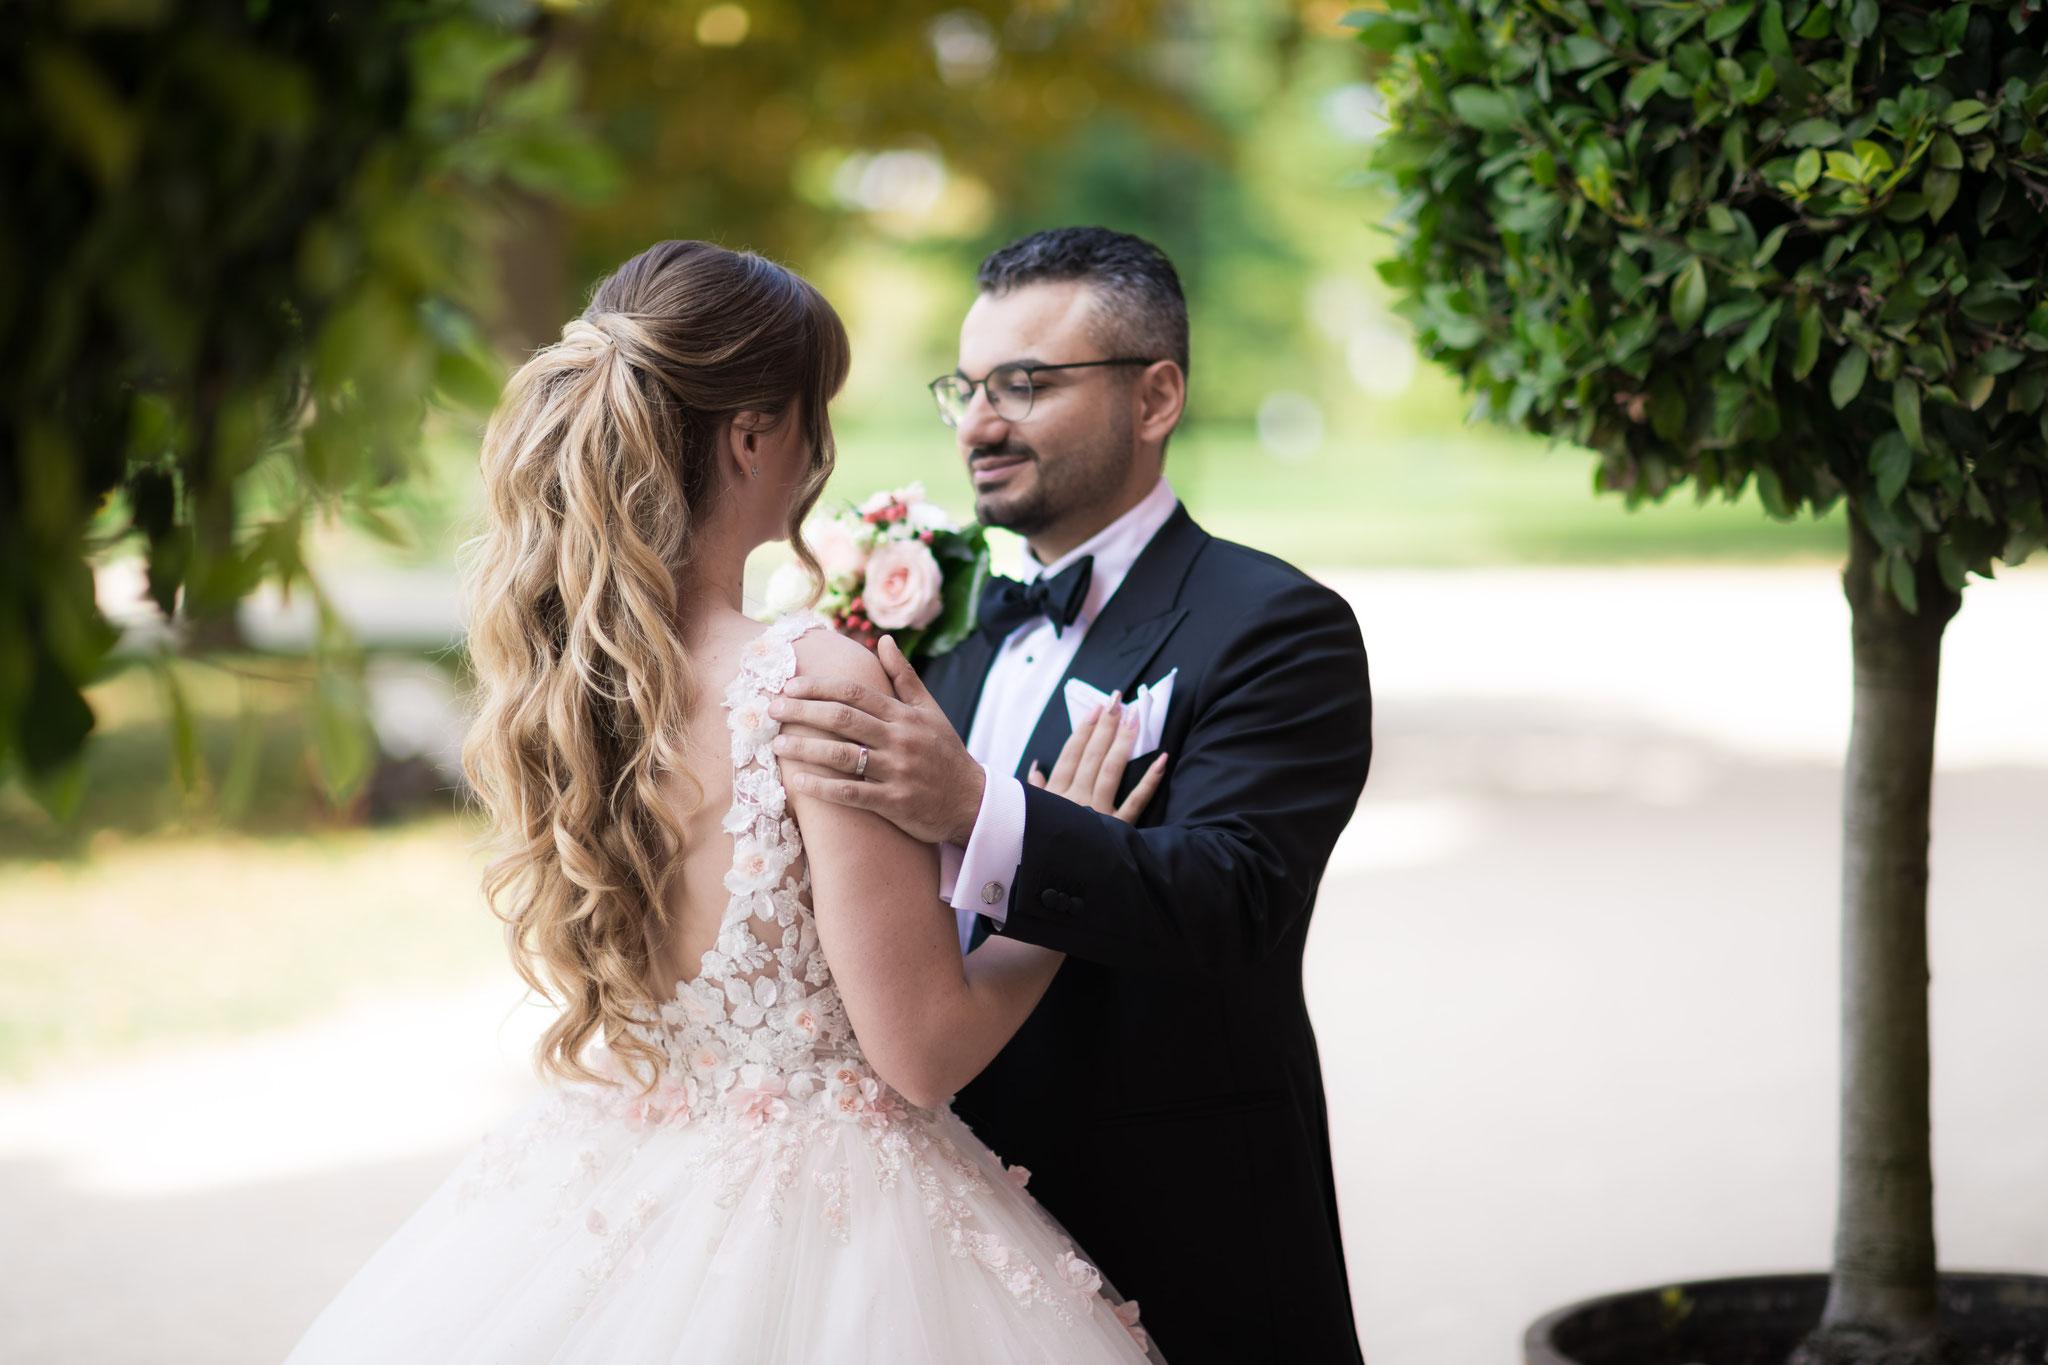 Fotograf für deutsch arabische Hochzeit in Frankfurt, Wiesbaden und Deutschlandweit